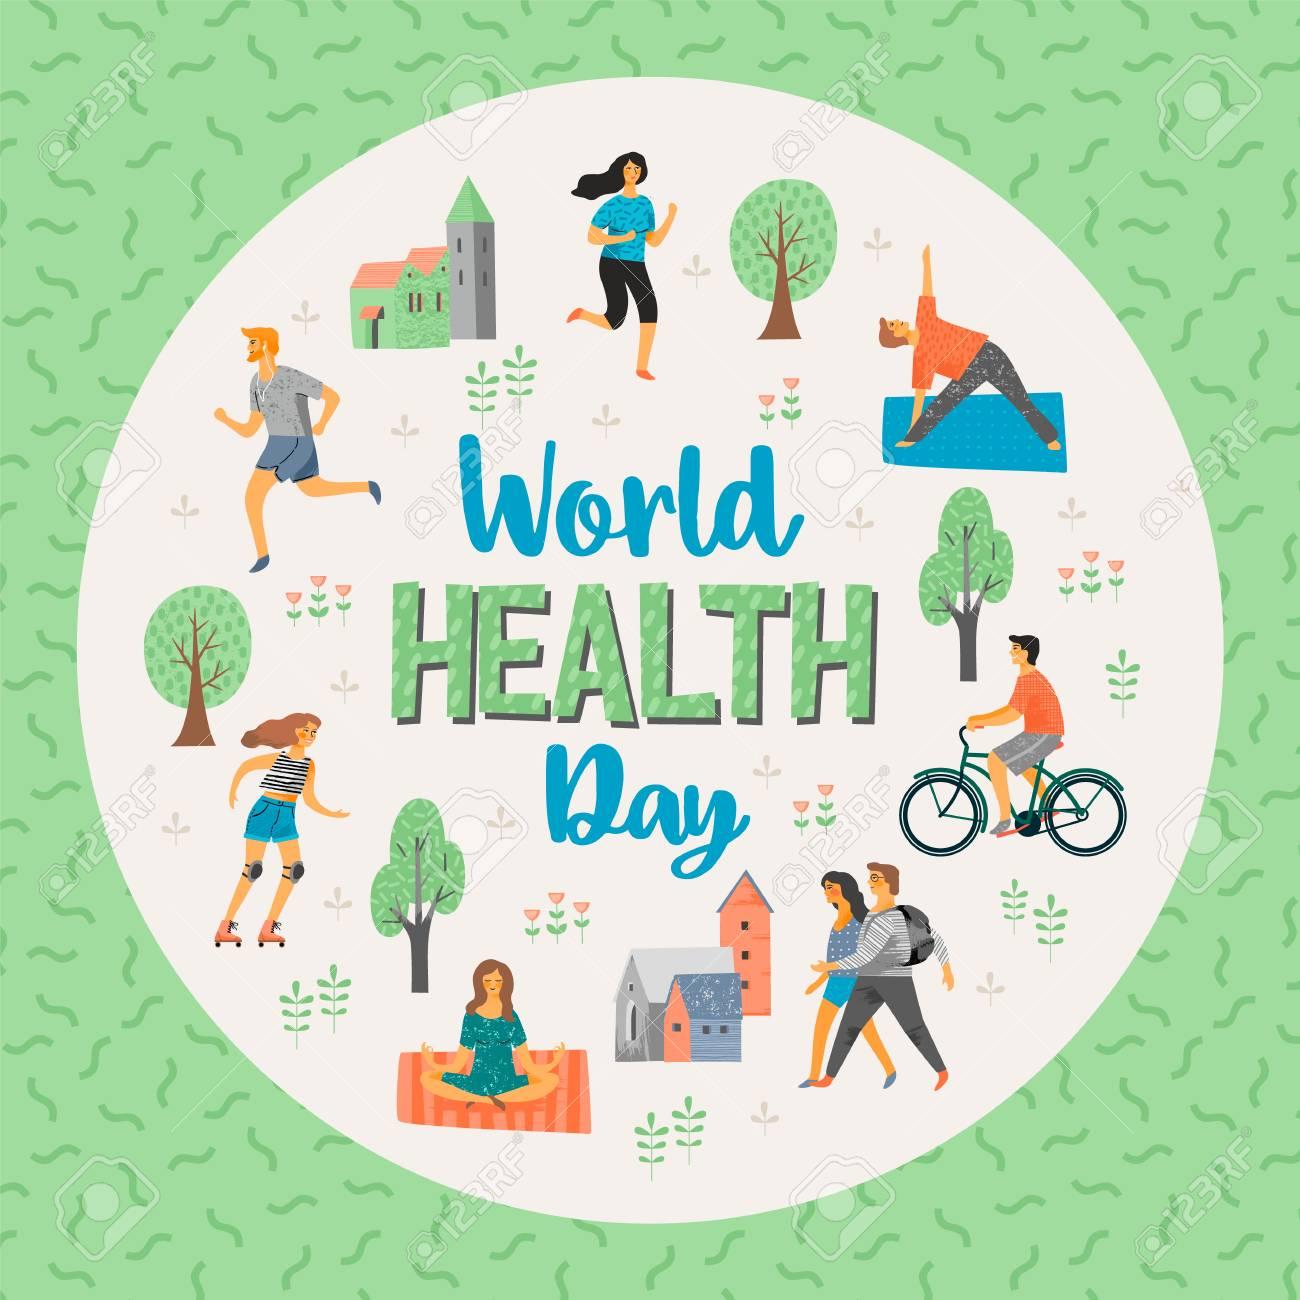 4b9a8f1cab62 World Health Day on Healthy lifestyle.